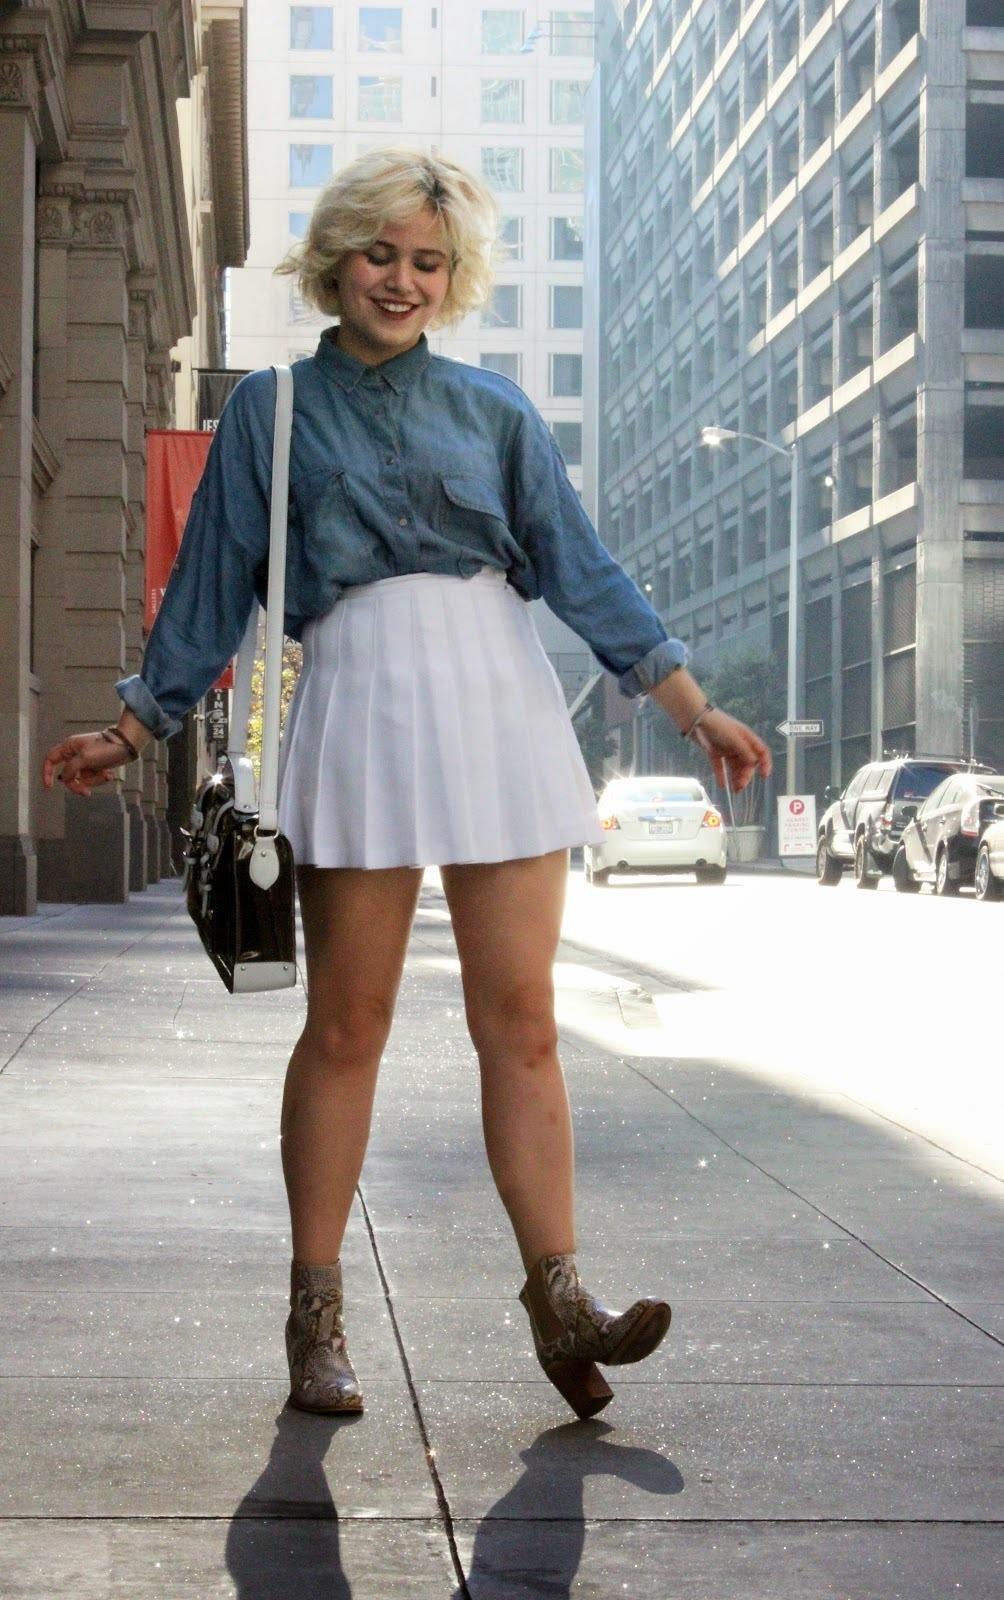 Pics For Denim Shirt With White Skirt